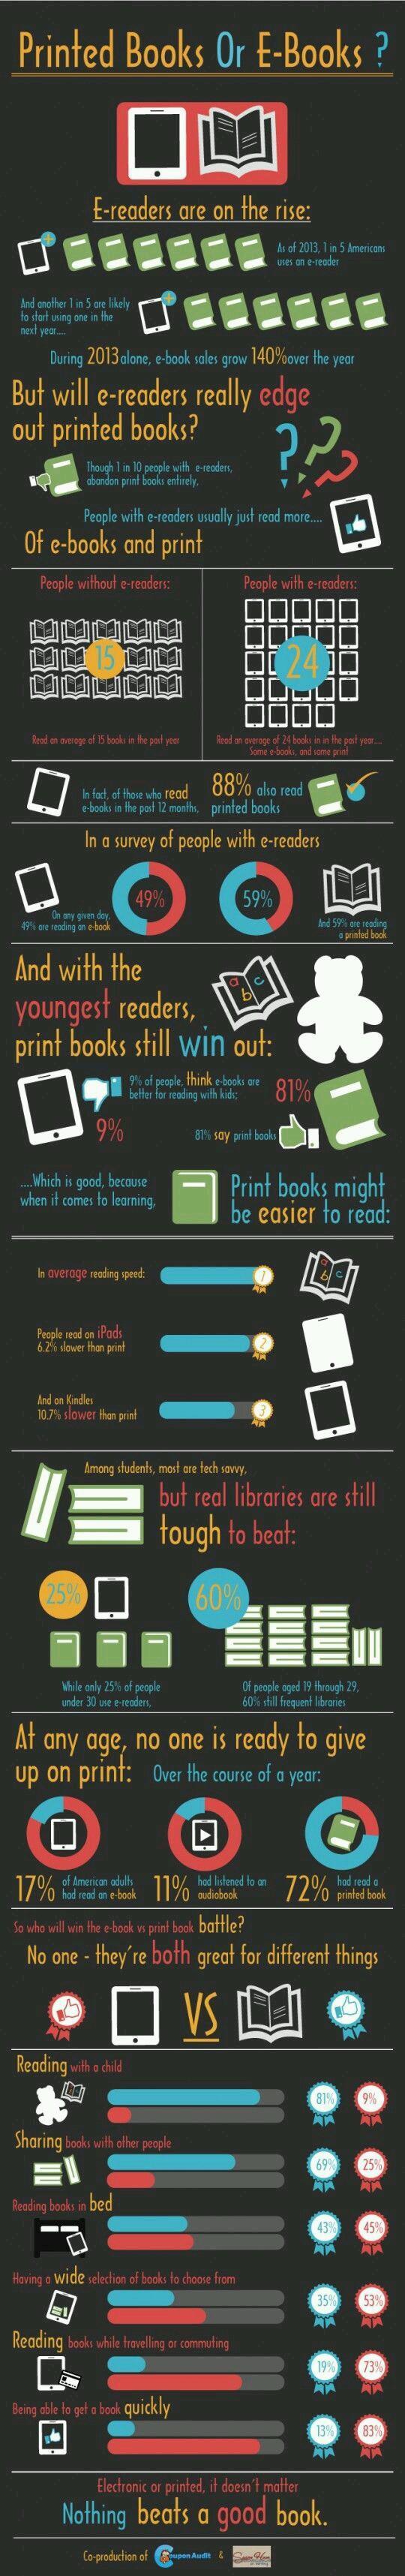 Printed Books Or E-Books